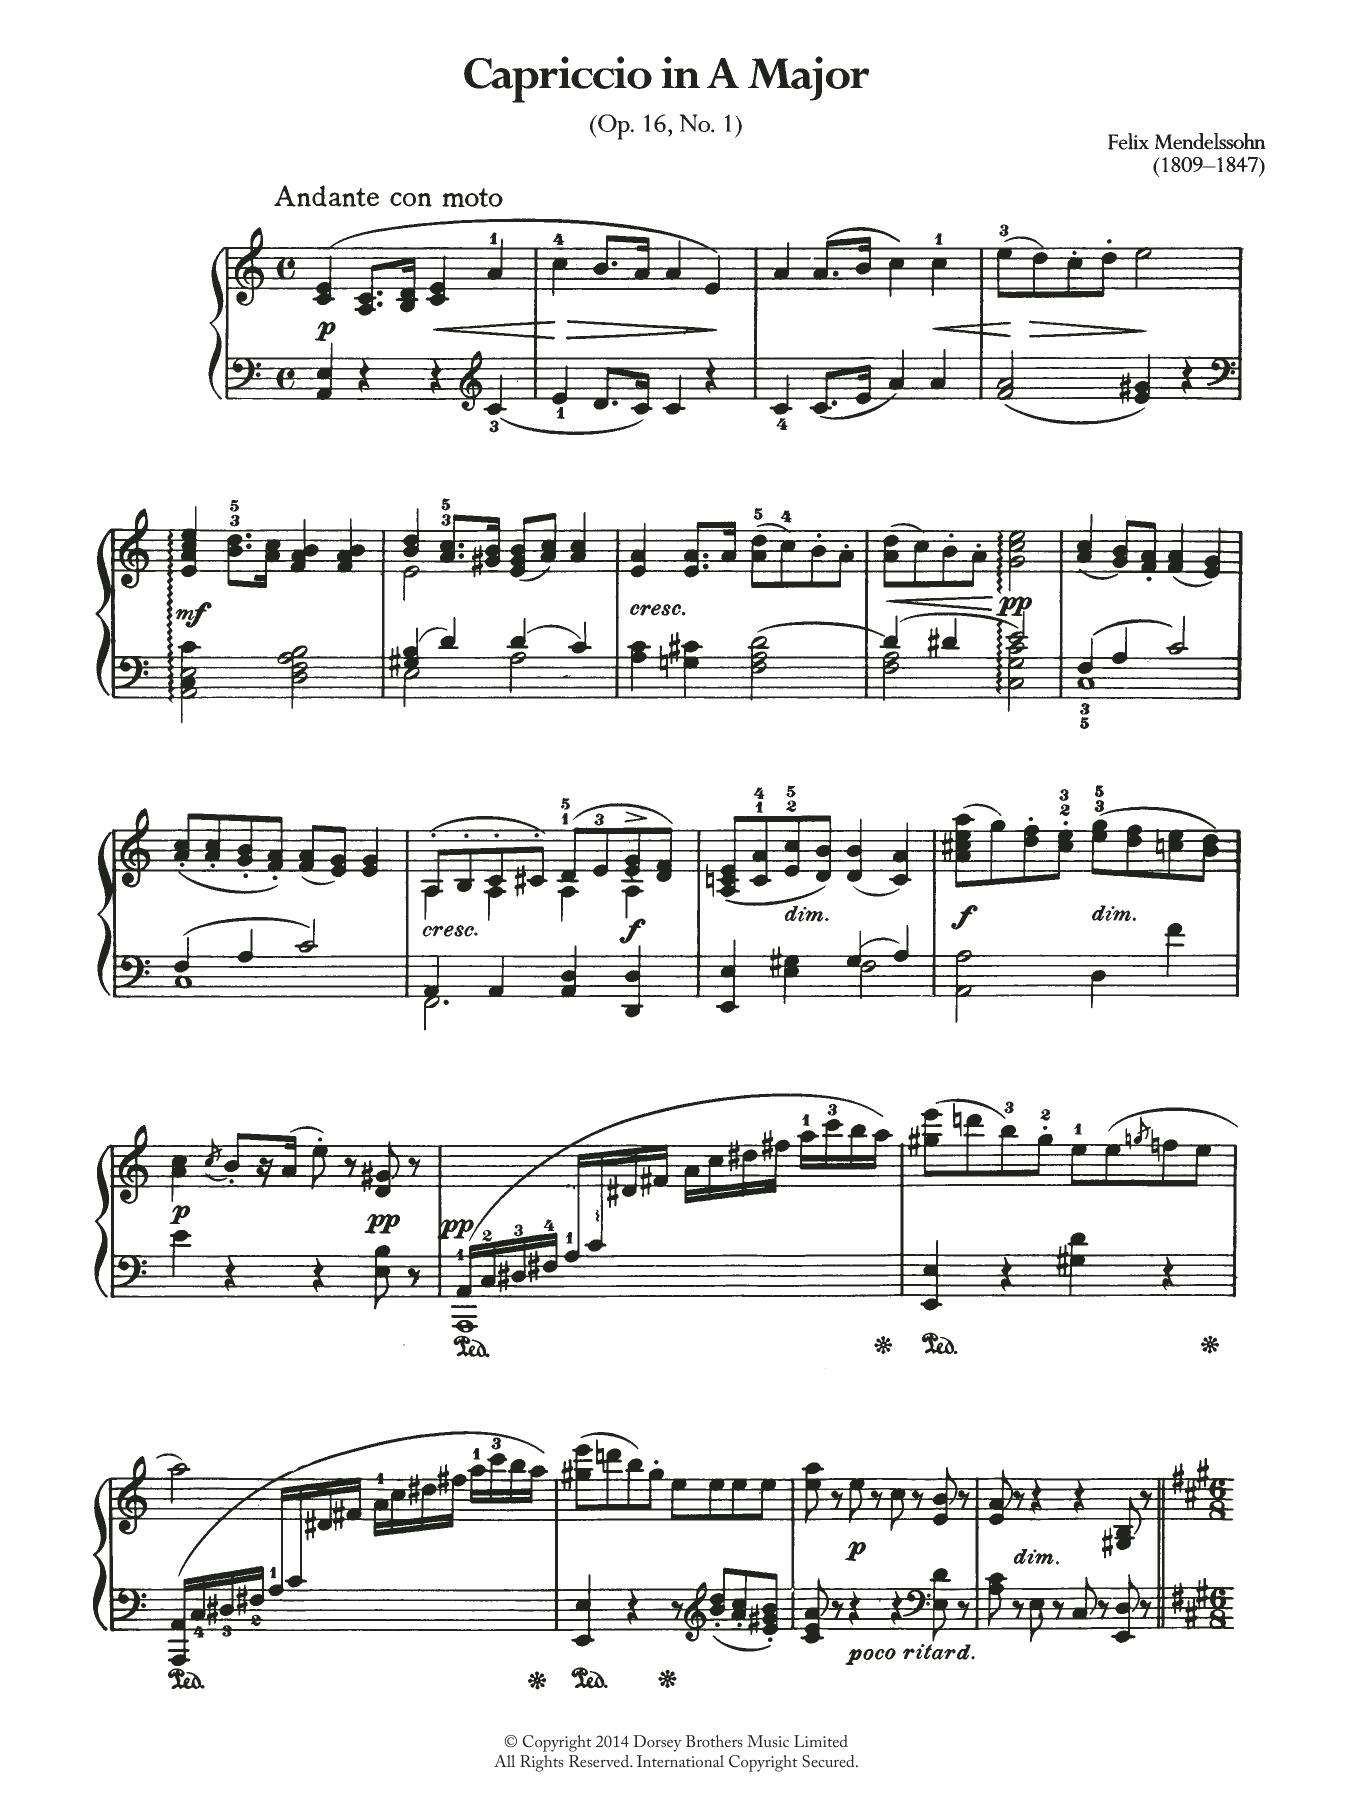 Felix Mendelssohn - Capriccio In A Major